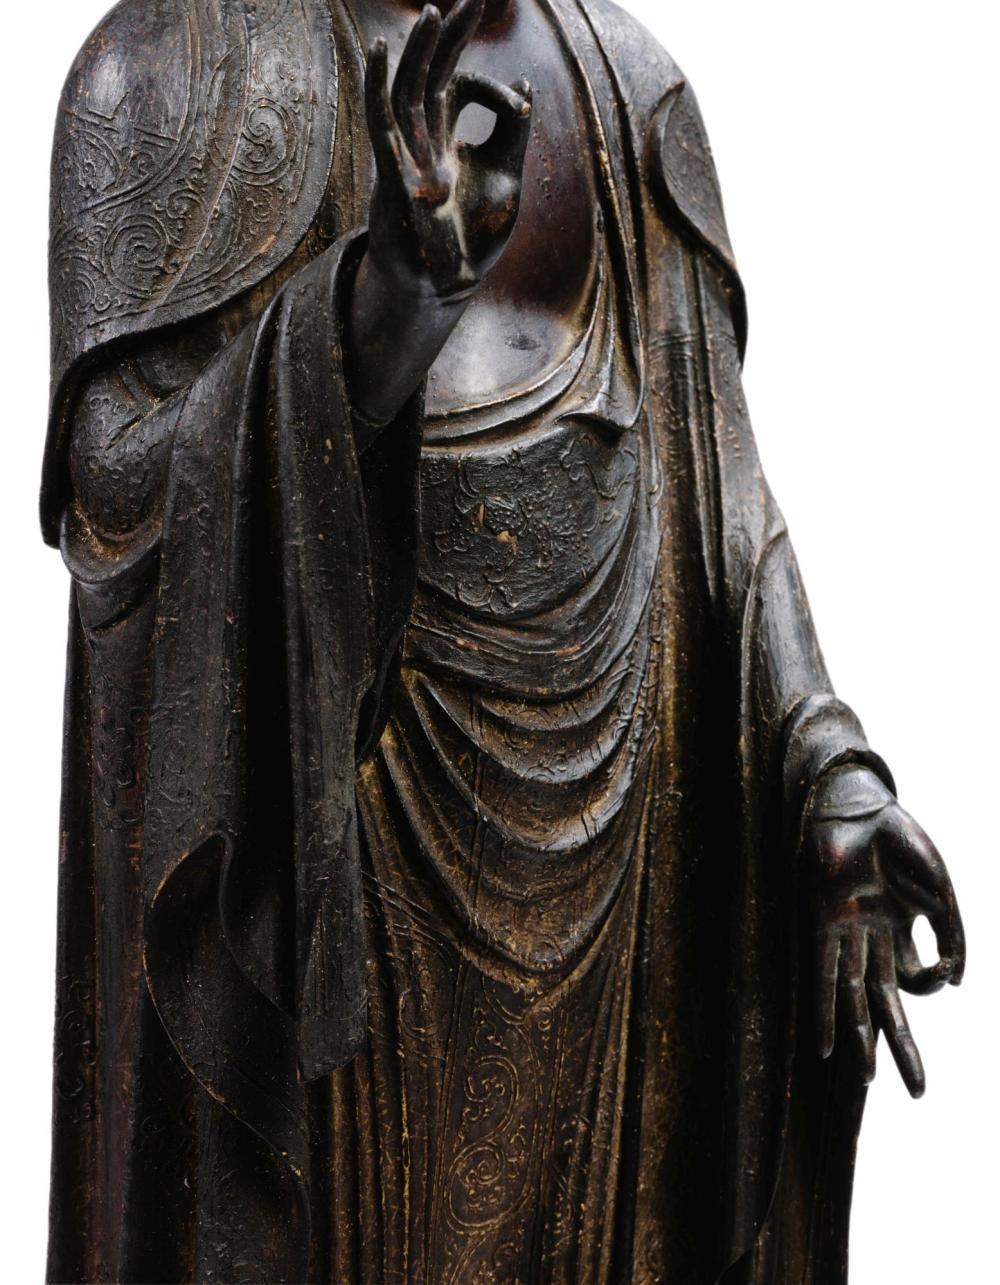 IMPORTANTE STATUETTE DU BOUDDHA AMIDA NYORAIEN BOIS SCULPTÉ ET LAQUÉ D'OR JAPAN, EPQOUE KAMAKURA, PREMIERE MOITIÉ DU XIIIE SIÈCLE  